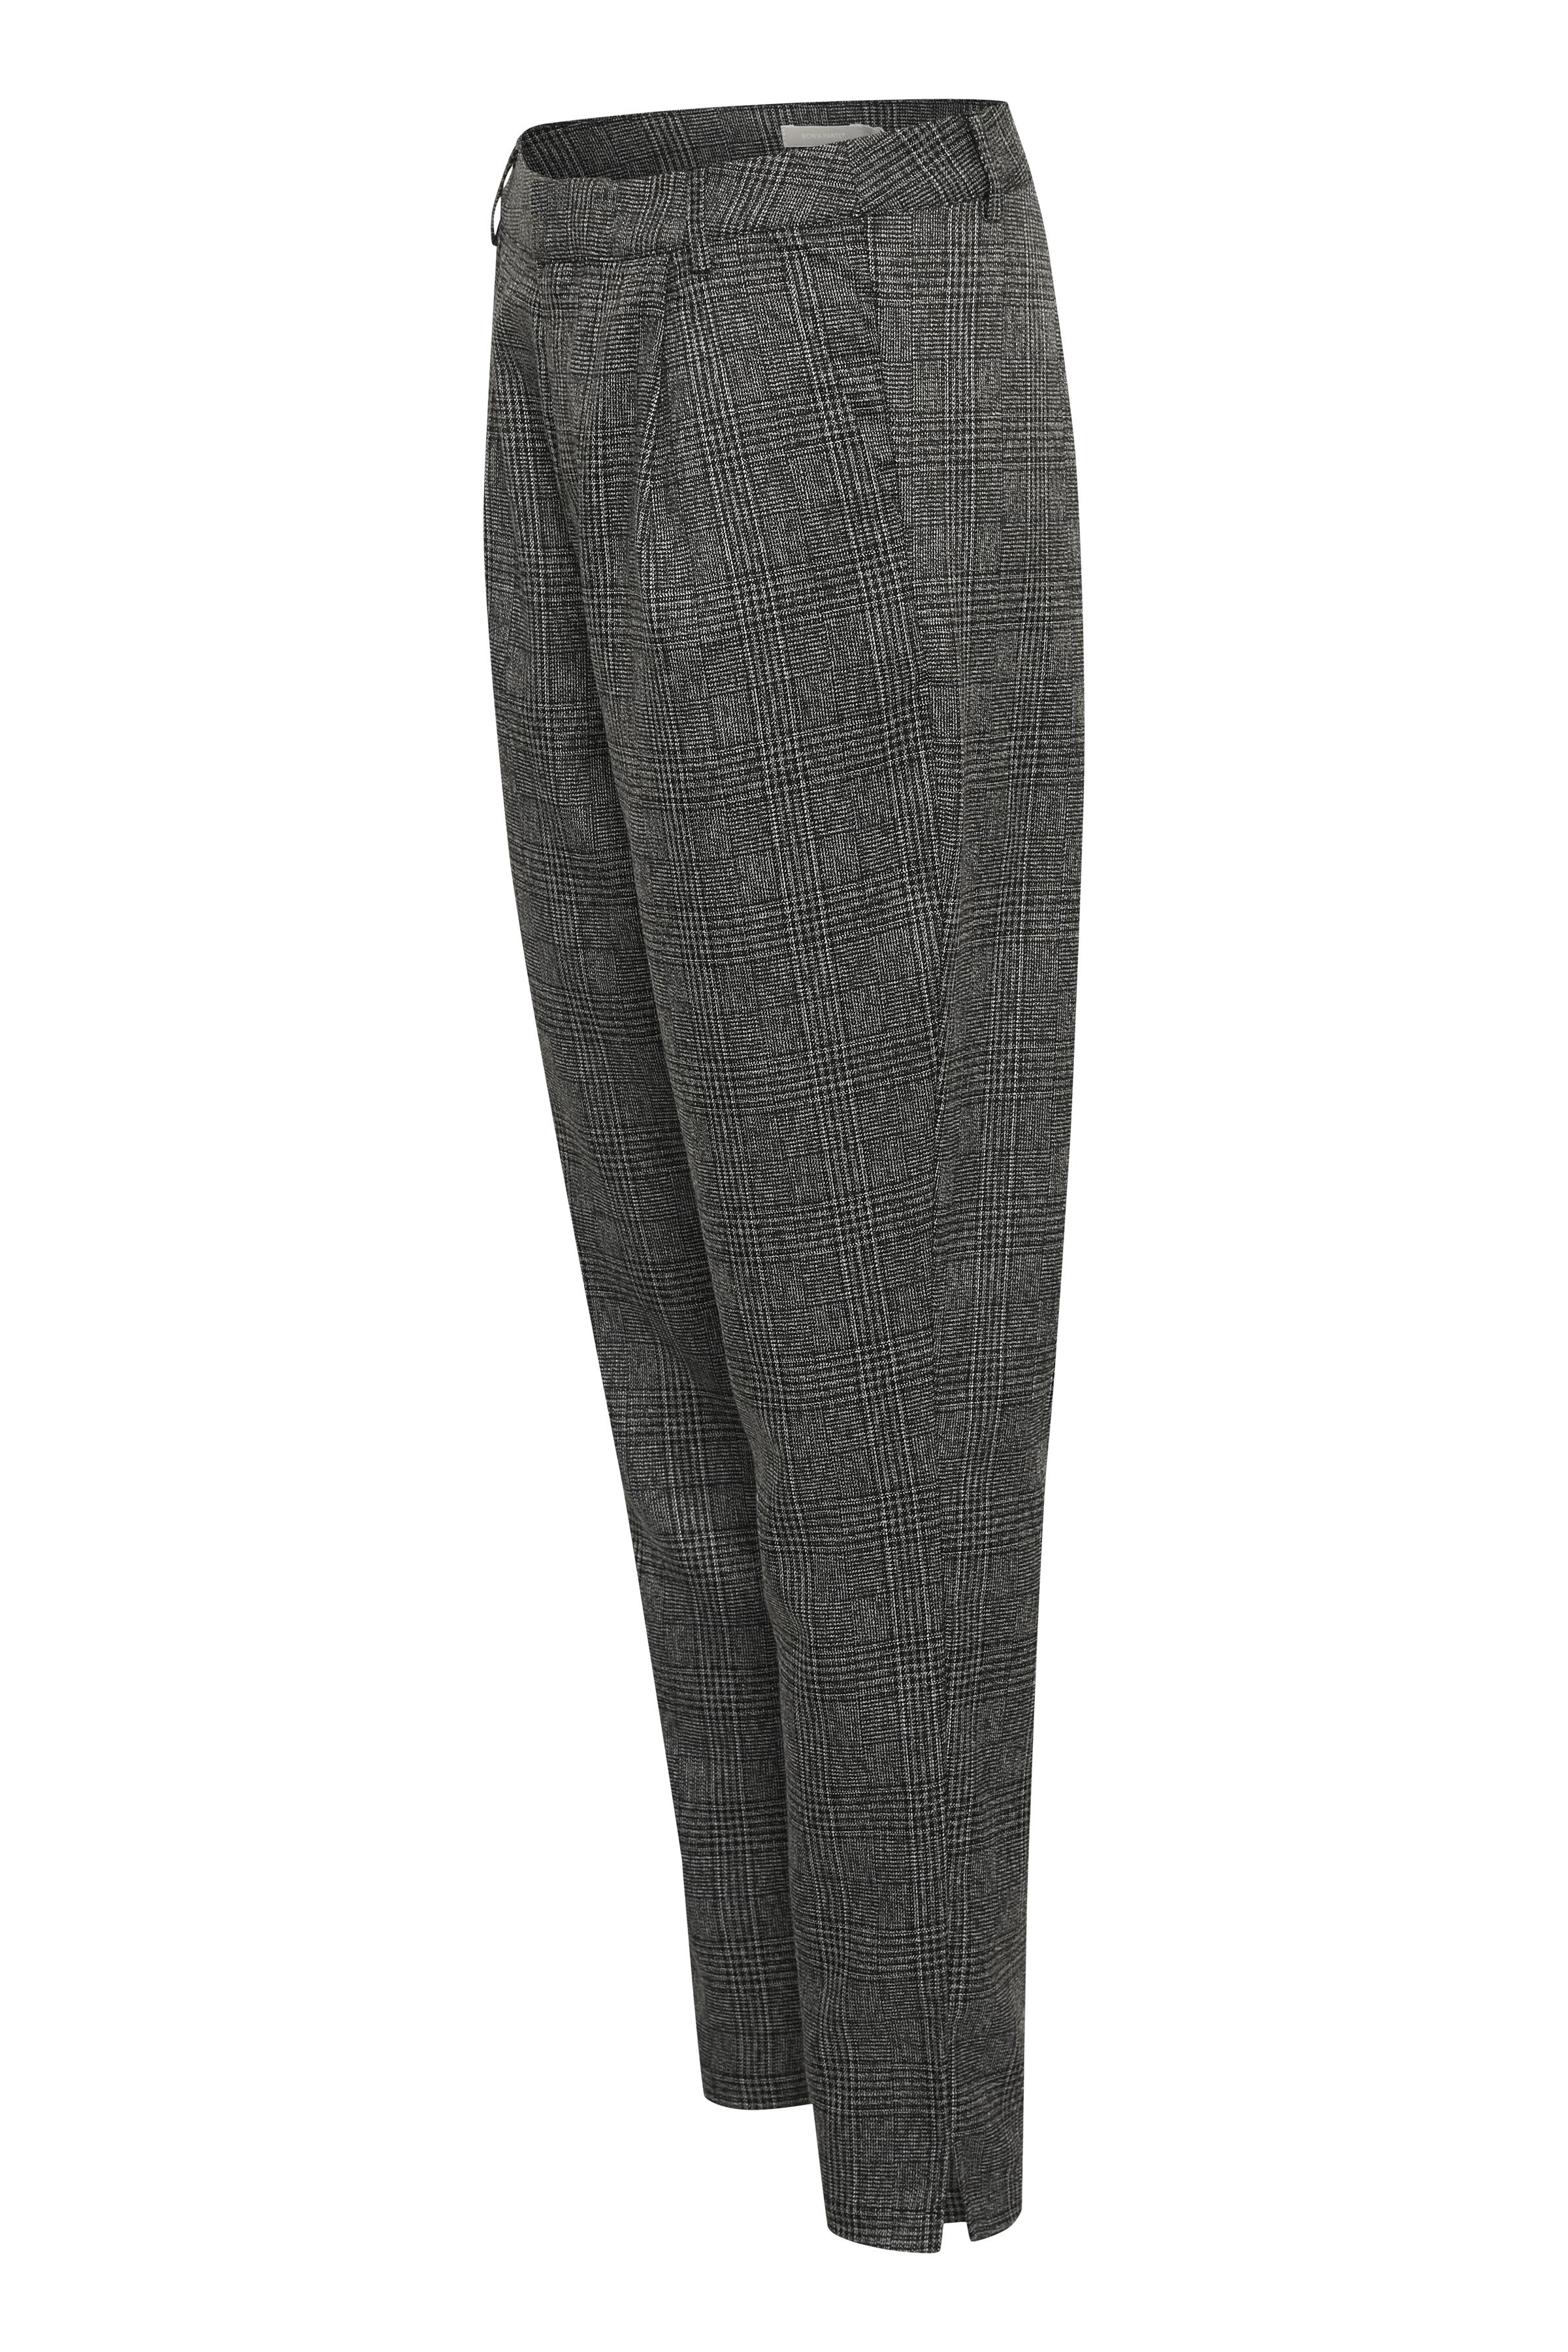 Grå Casual byxor från Bon'A Parte – Köp Grå Casual byxor från stl. 36-48 här